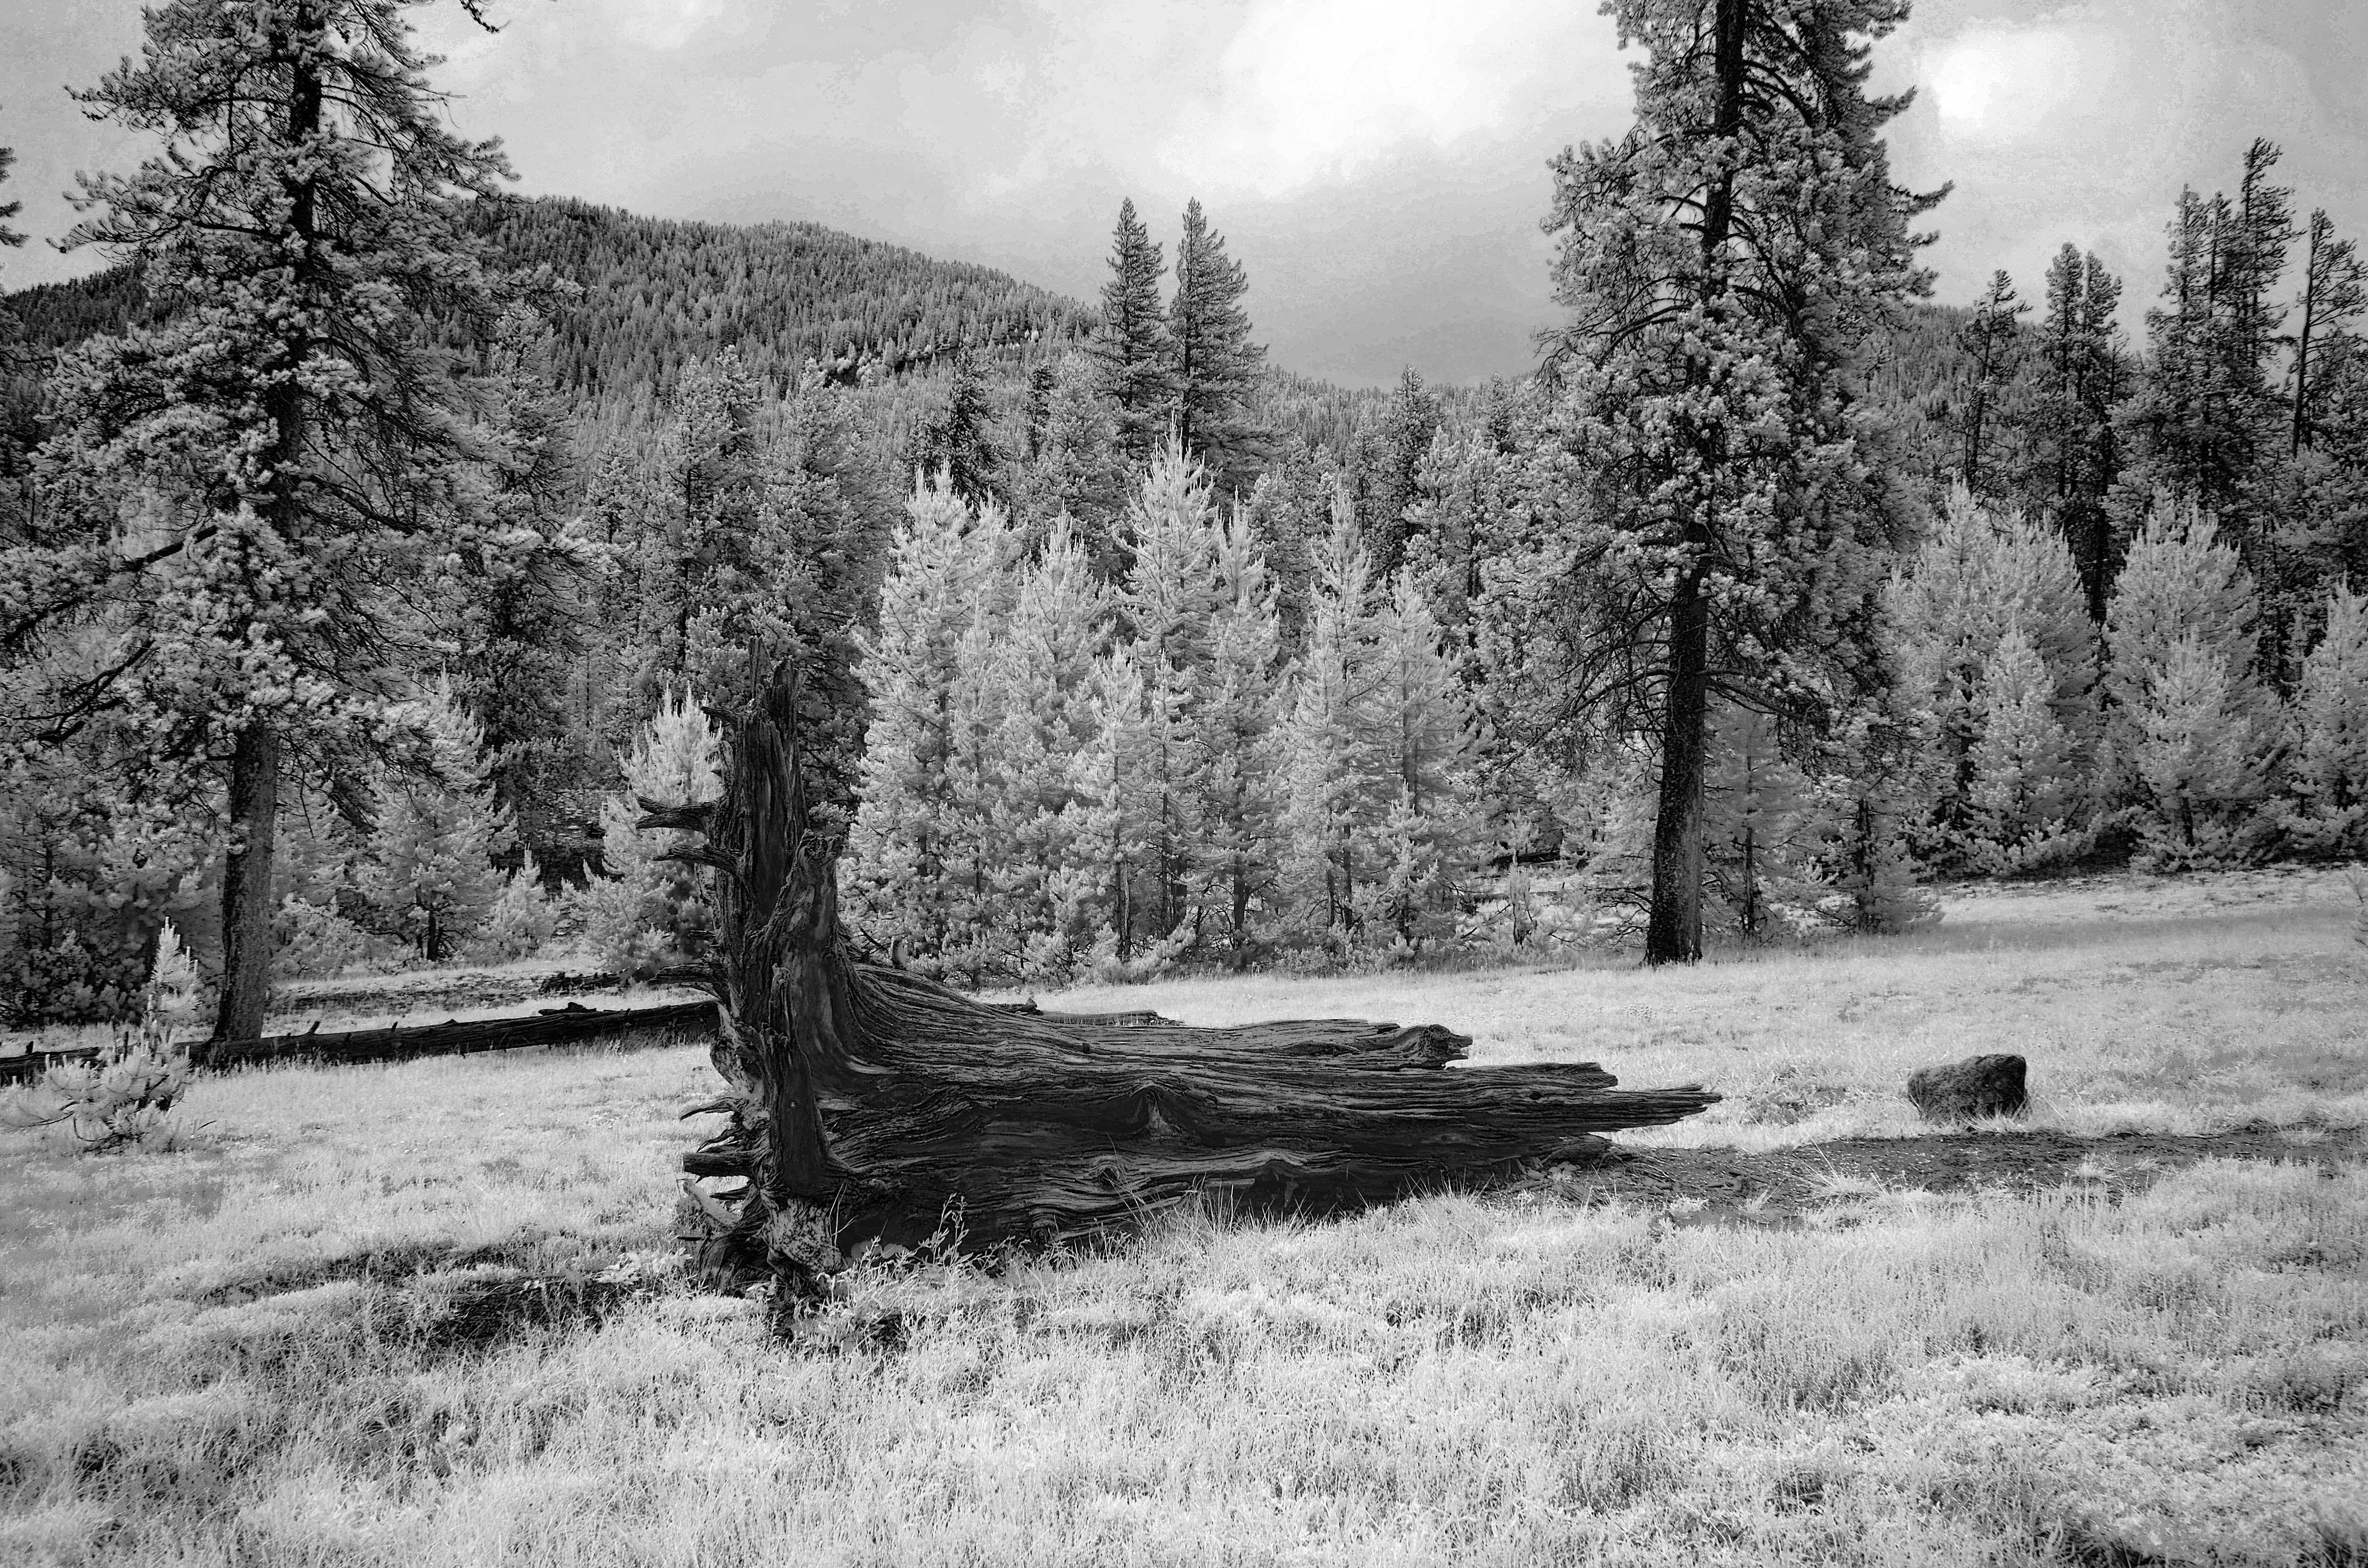 Stump - Yellowstone, Wyoming - 2018